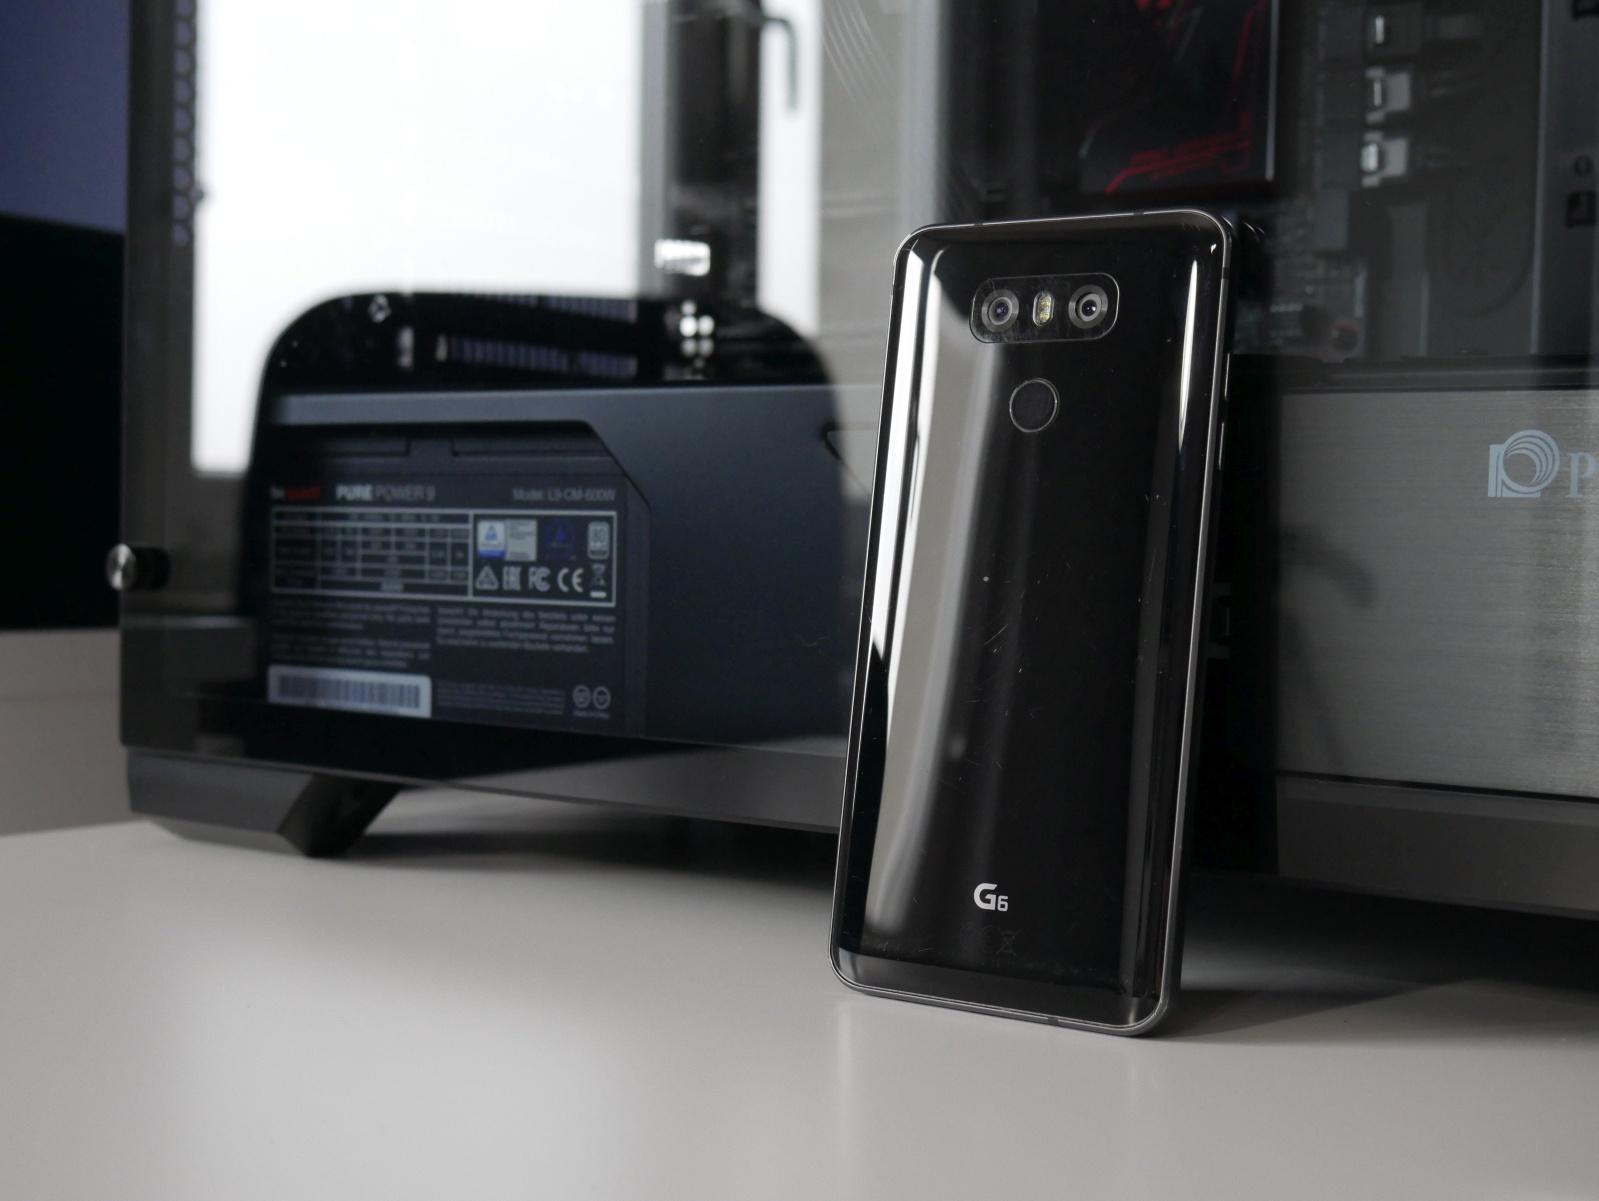 LG G6 z tyłu